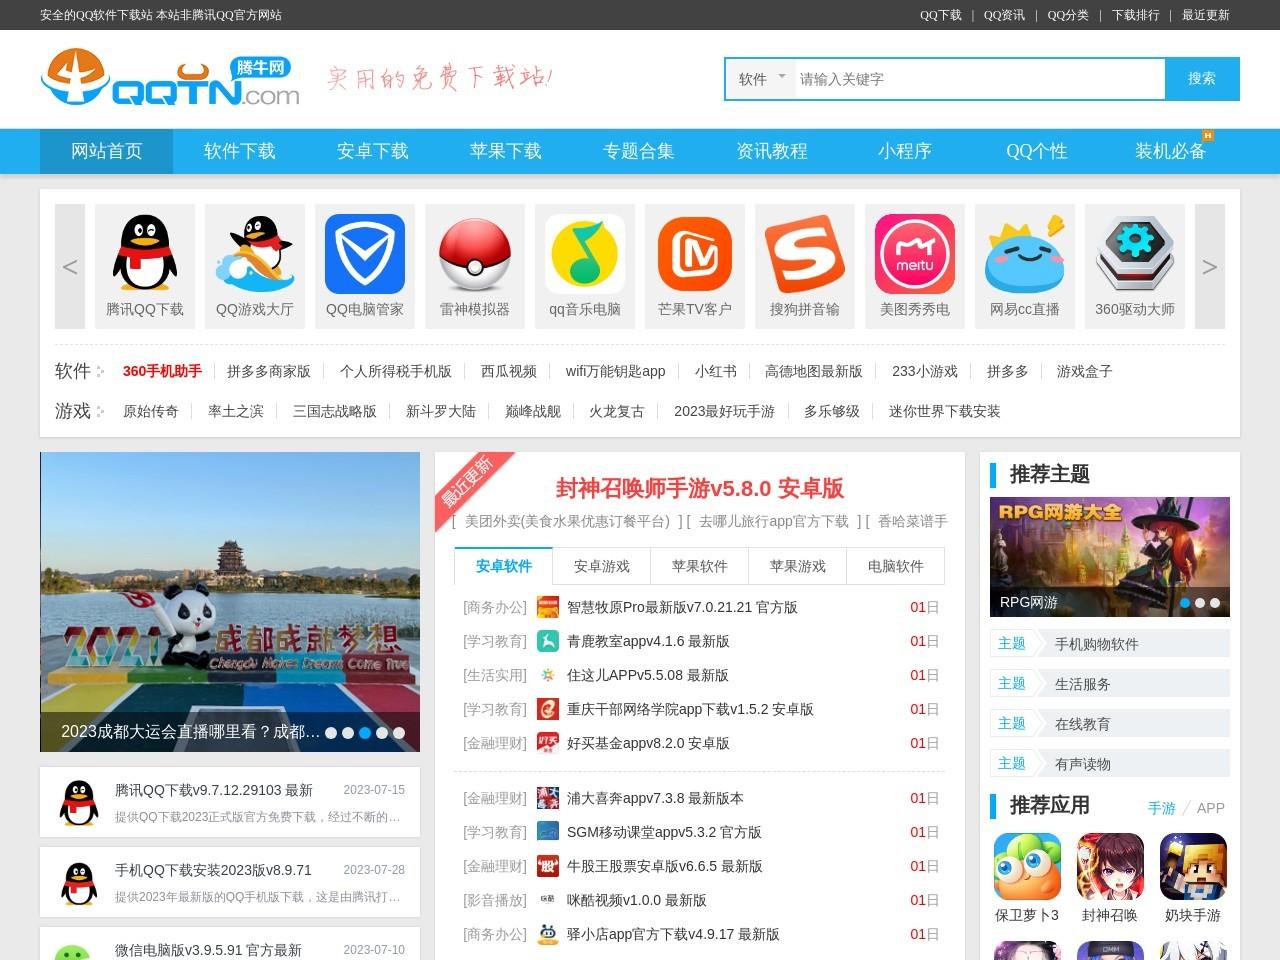 腾牛网_实用的免费软件下载_安全的QQ软件下载站